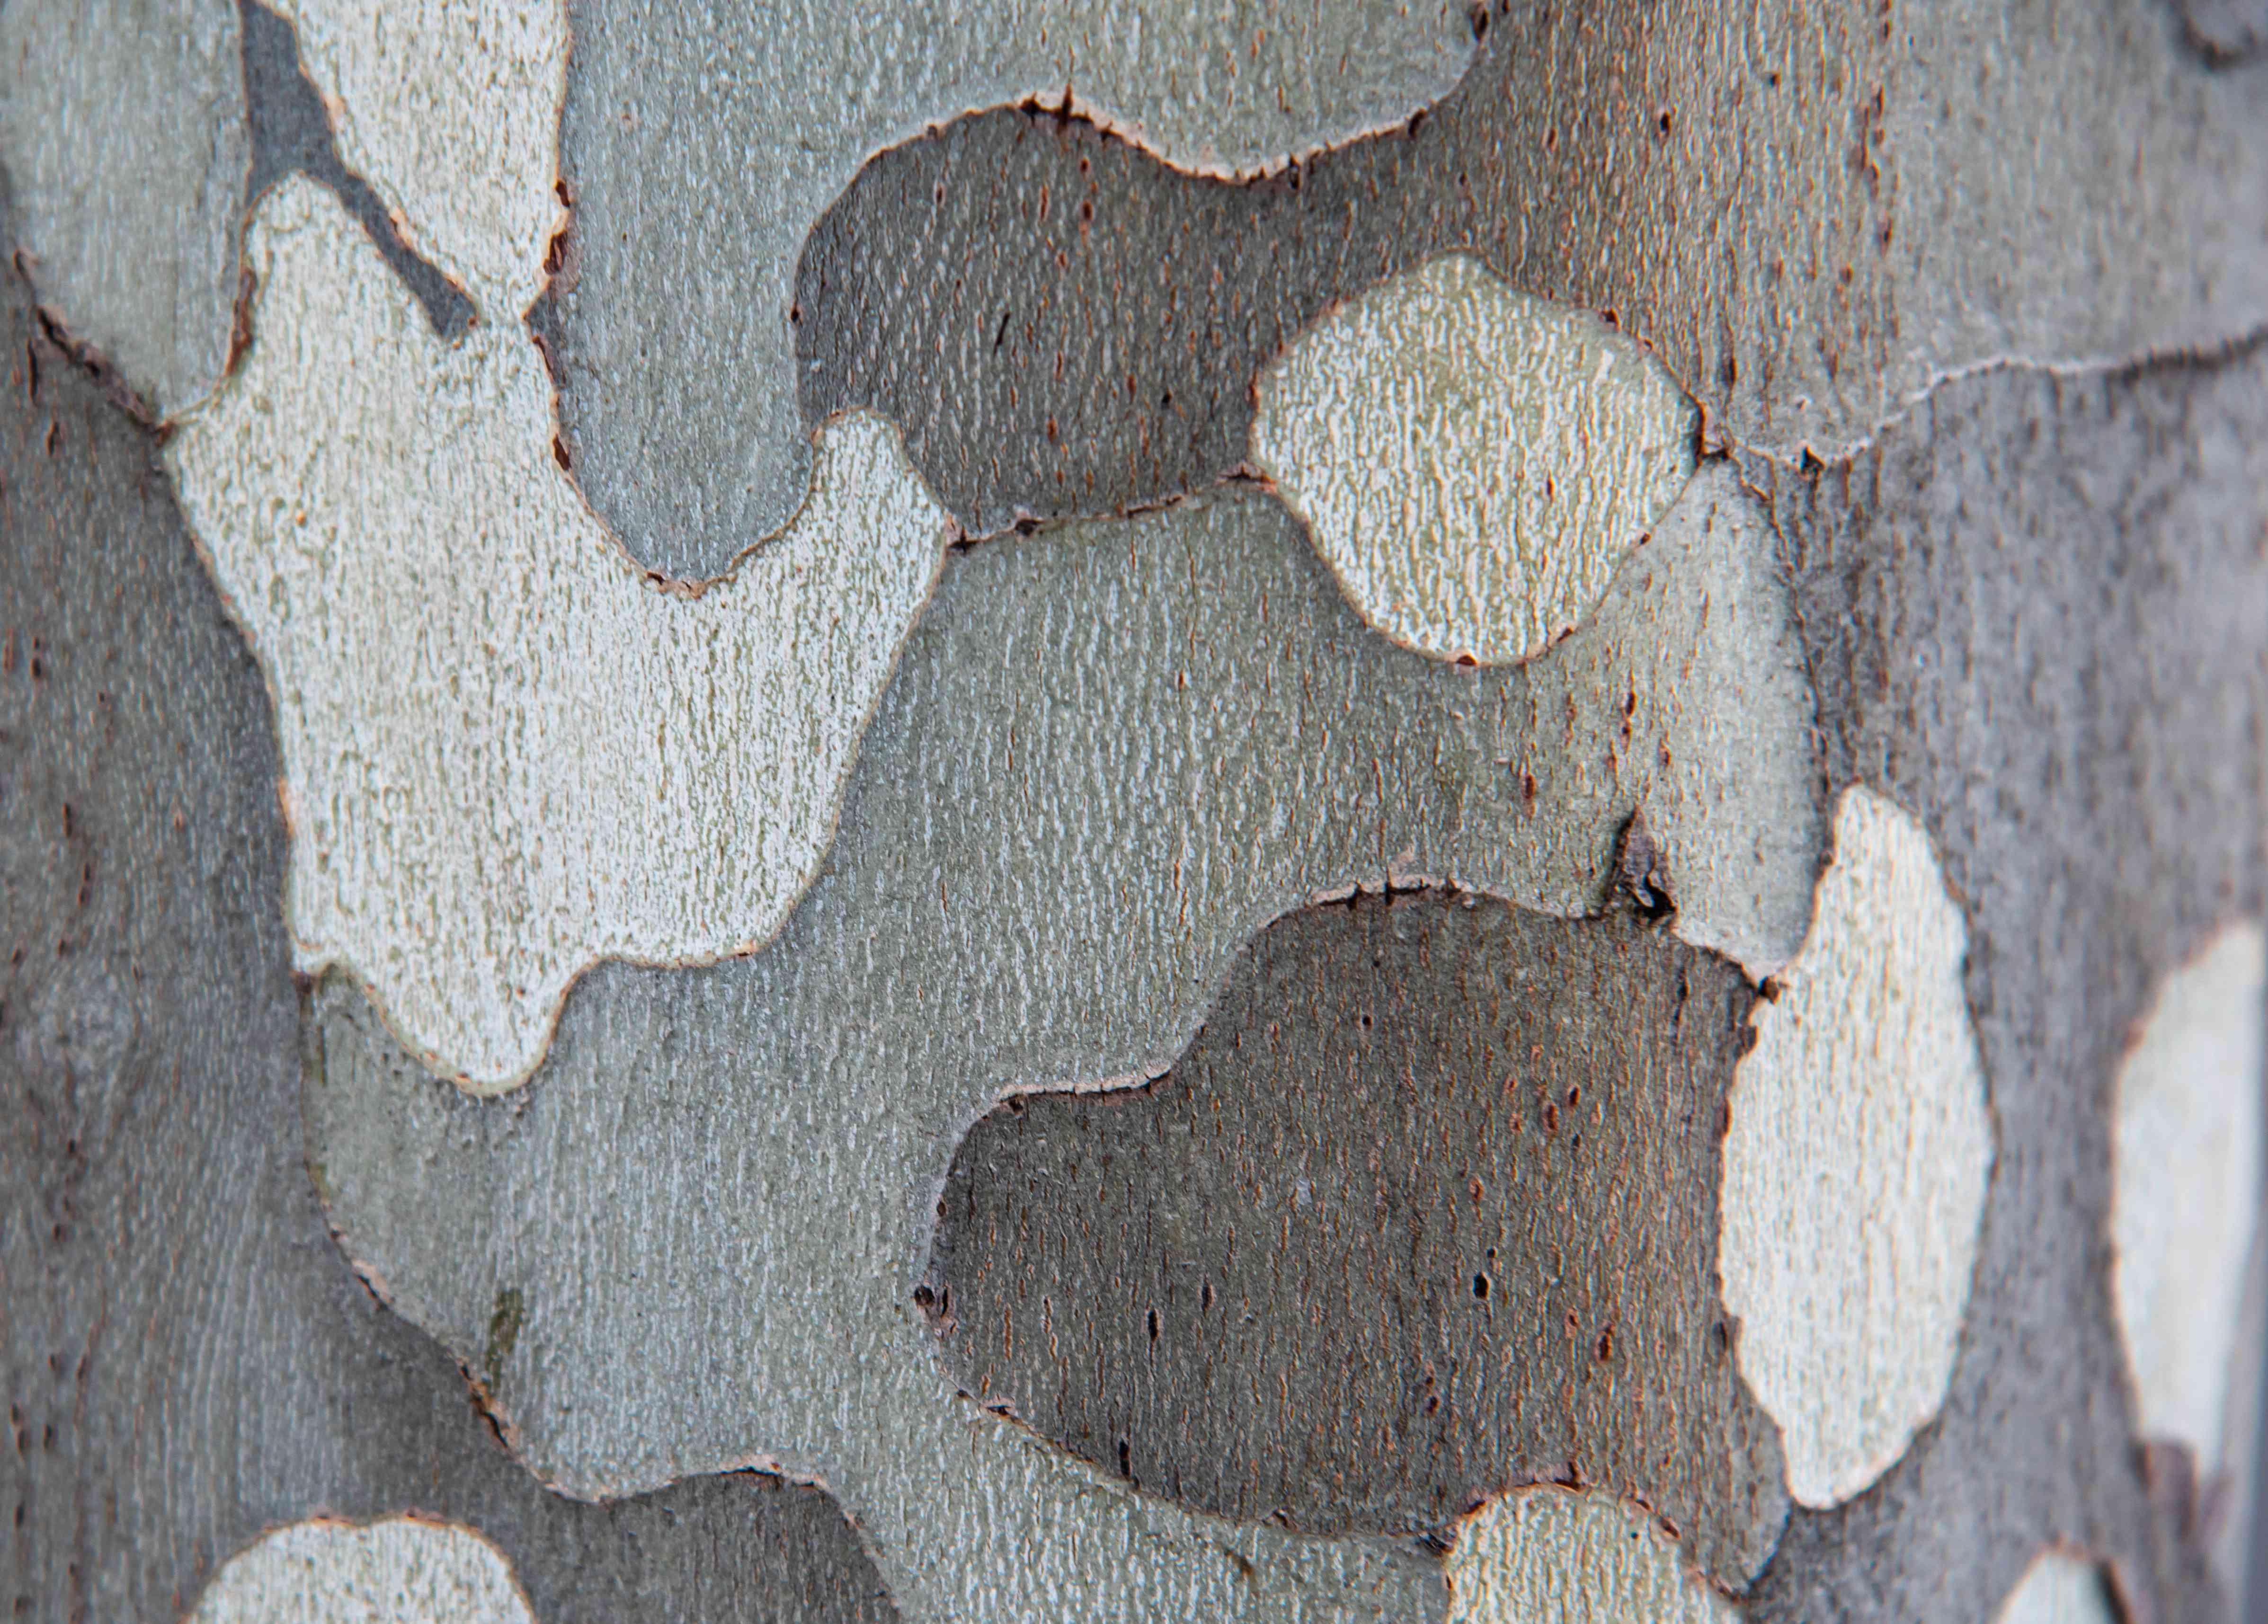 London planetree trunk detail